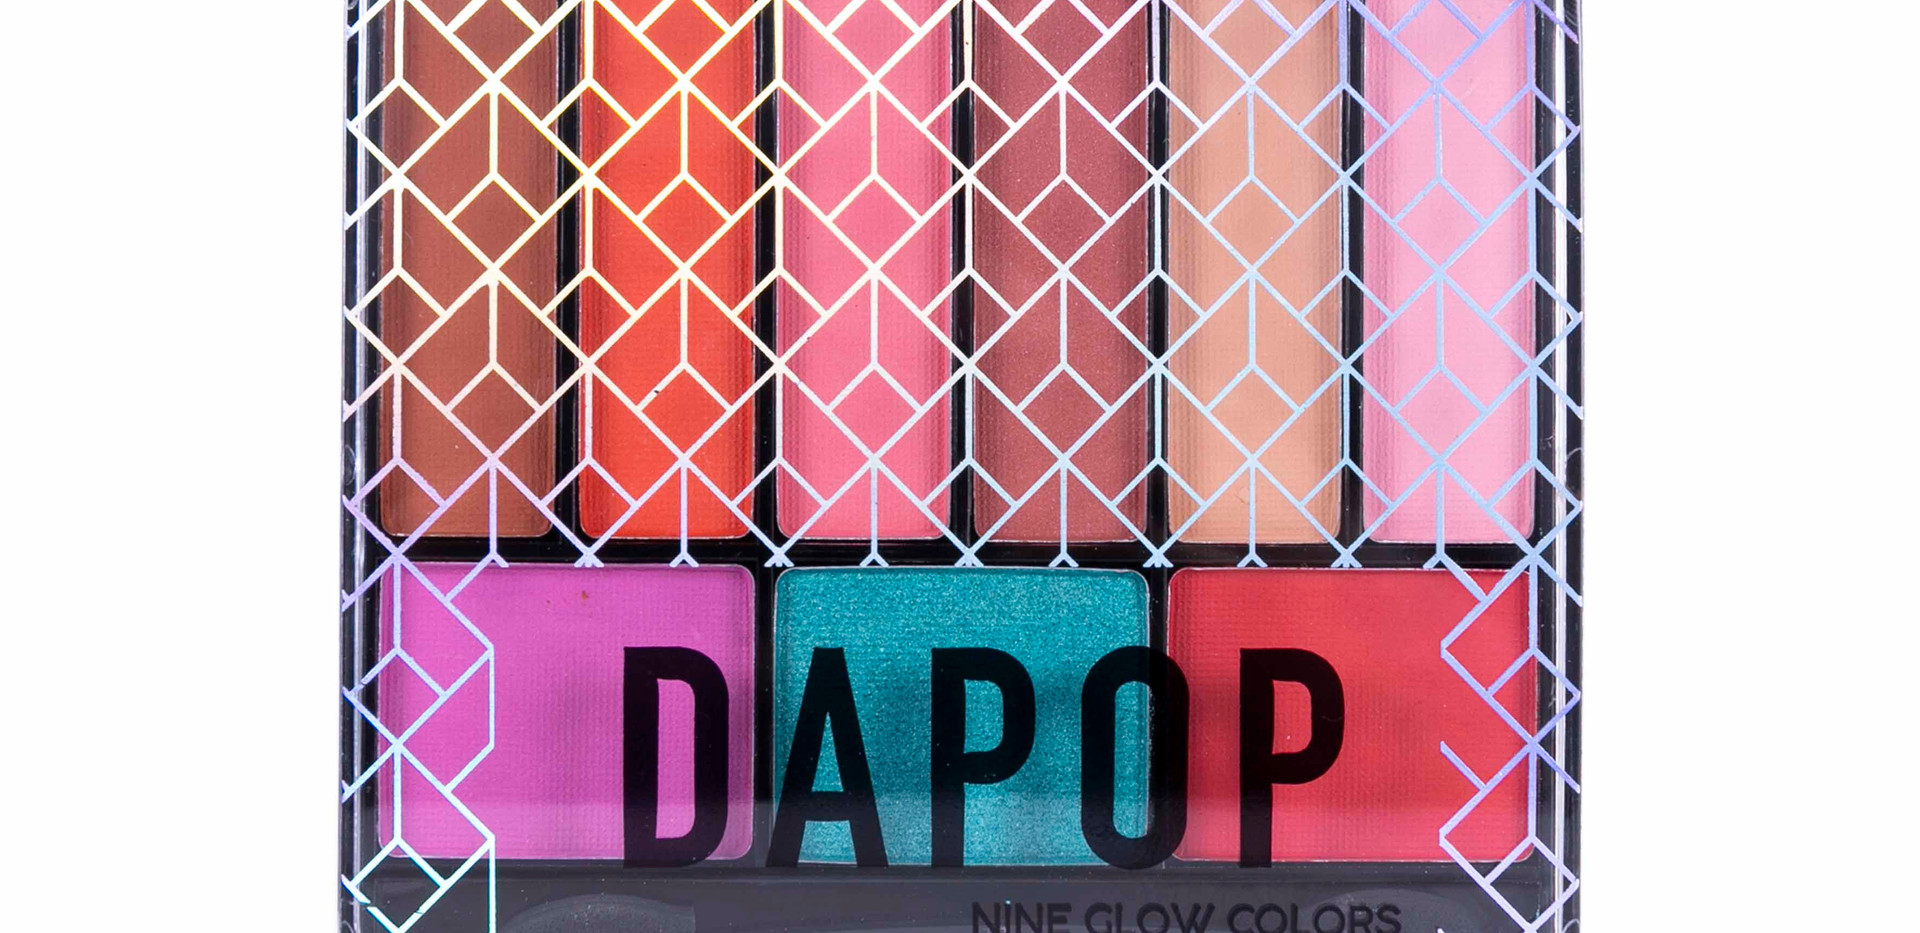 Paleta de Sombras Nine Glow Dapop - HB96620